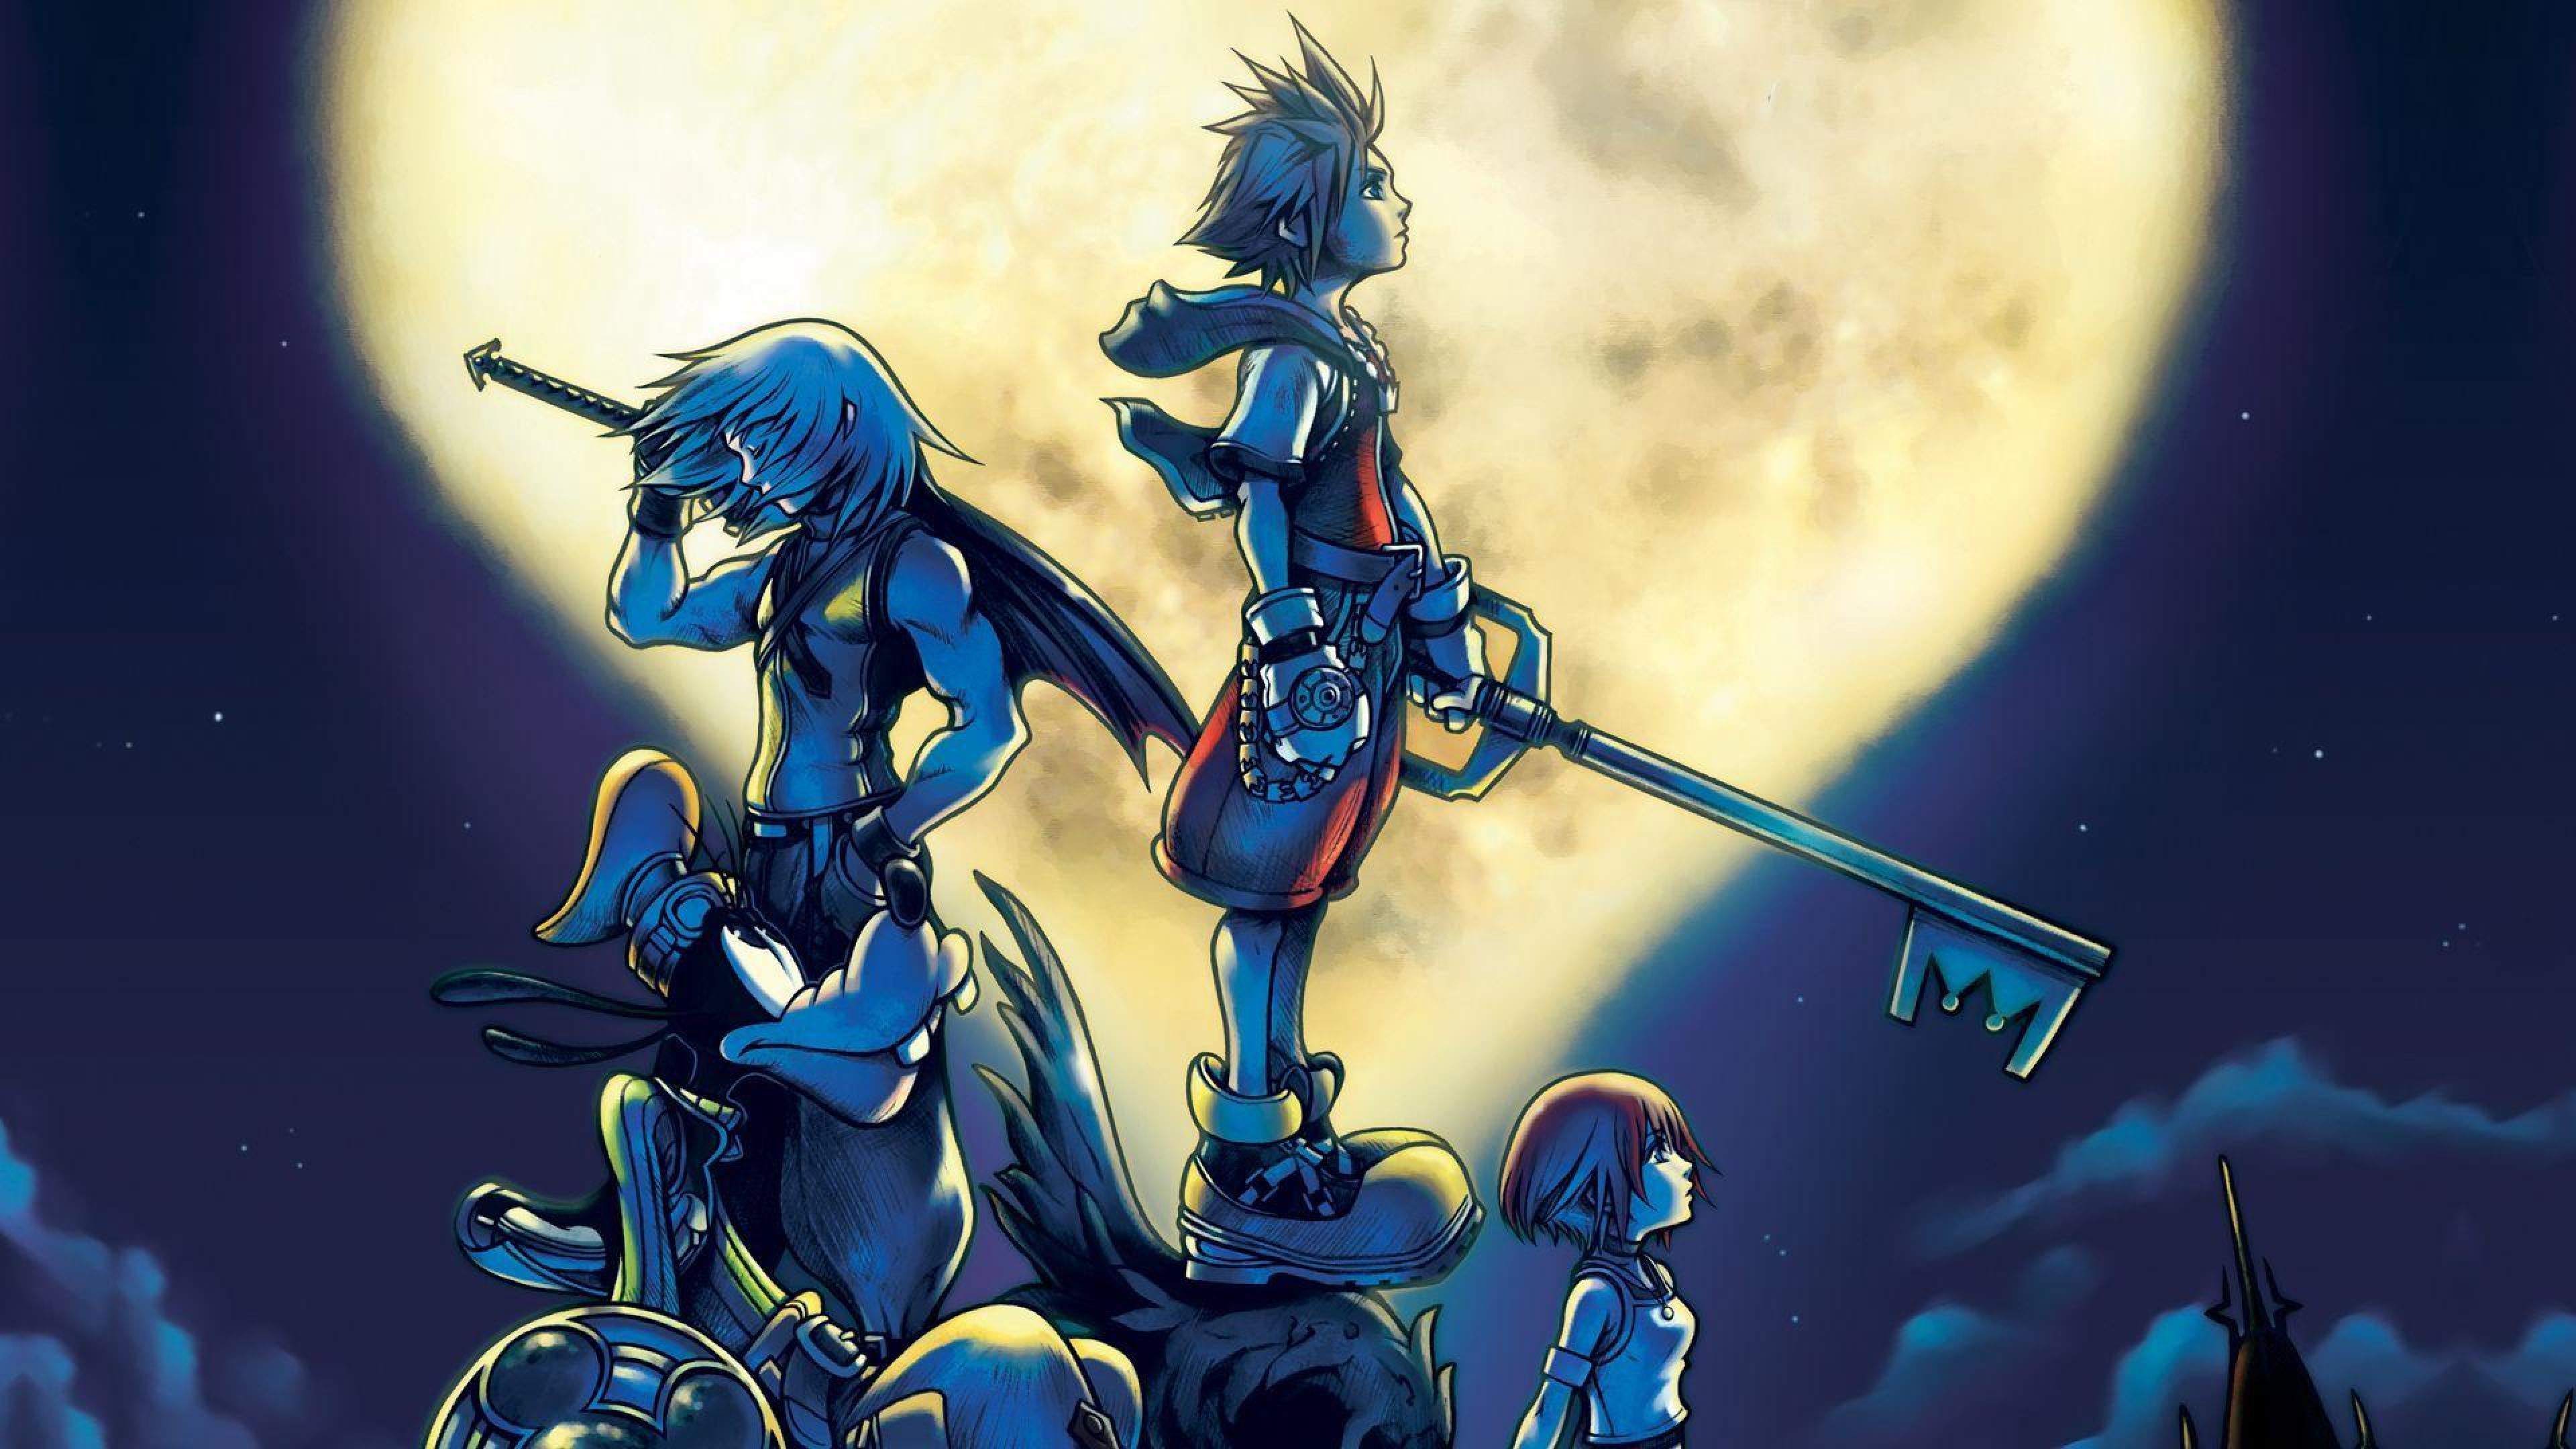 [74+] Kingdom Hearts Hd Wallpaper on WallpaperSafari